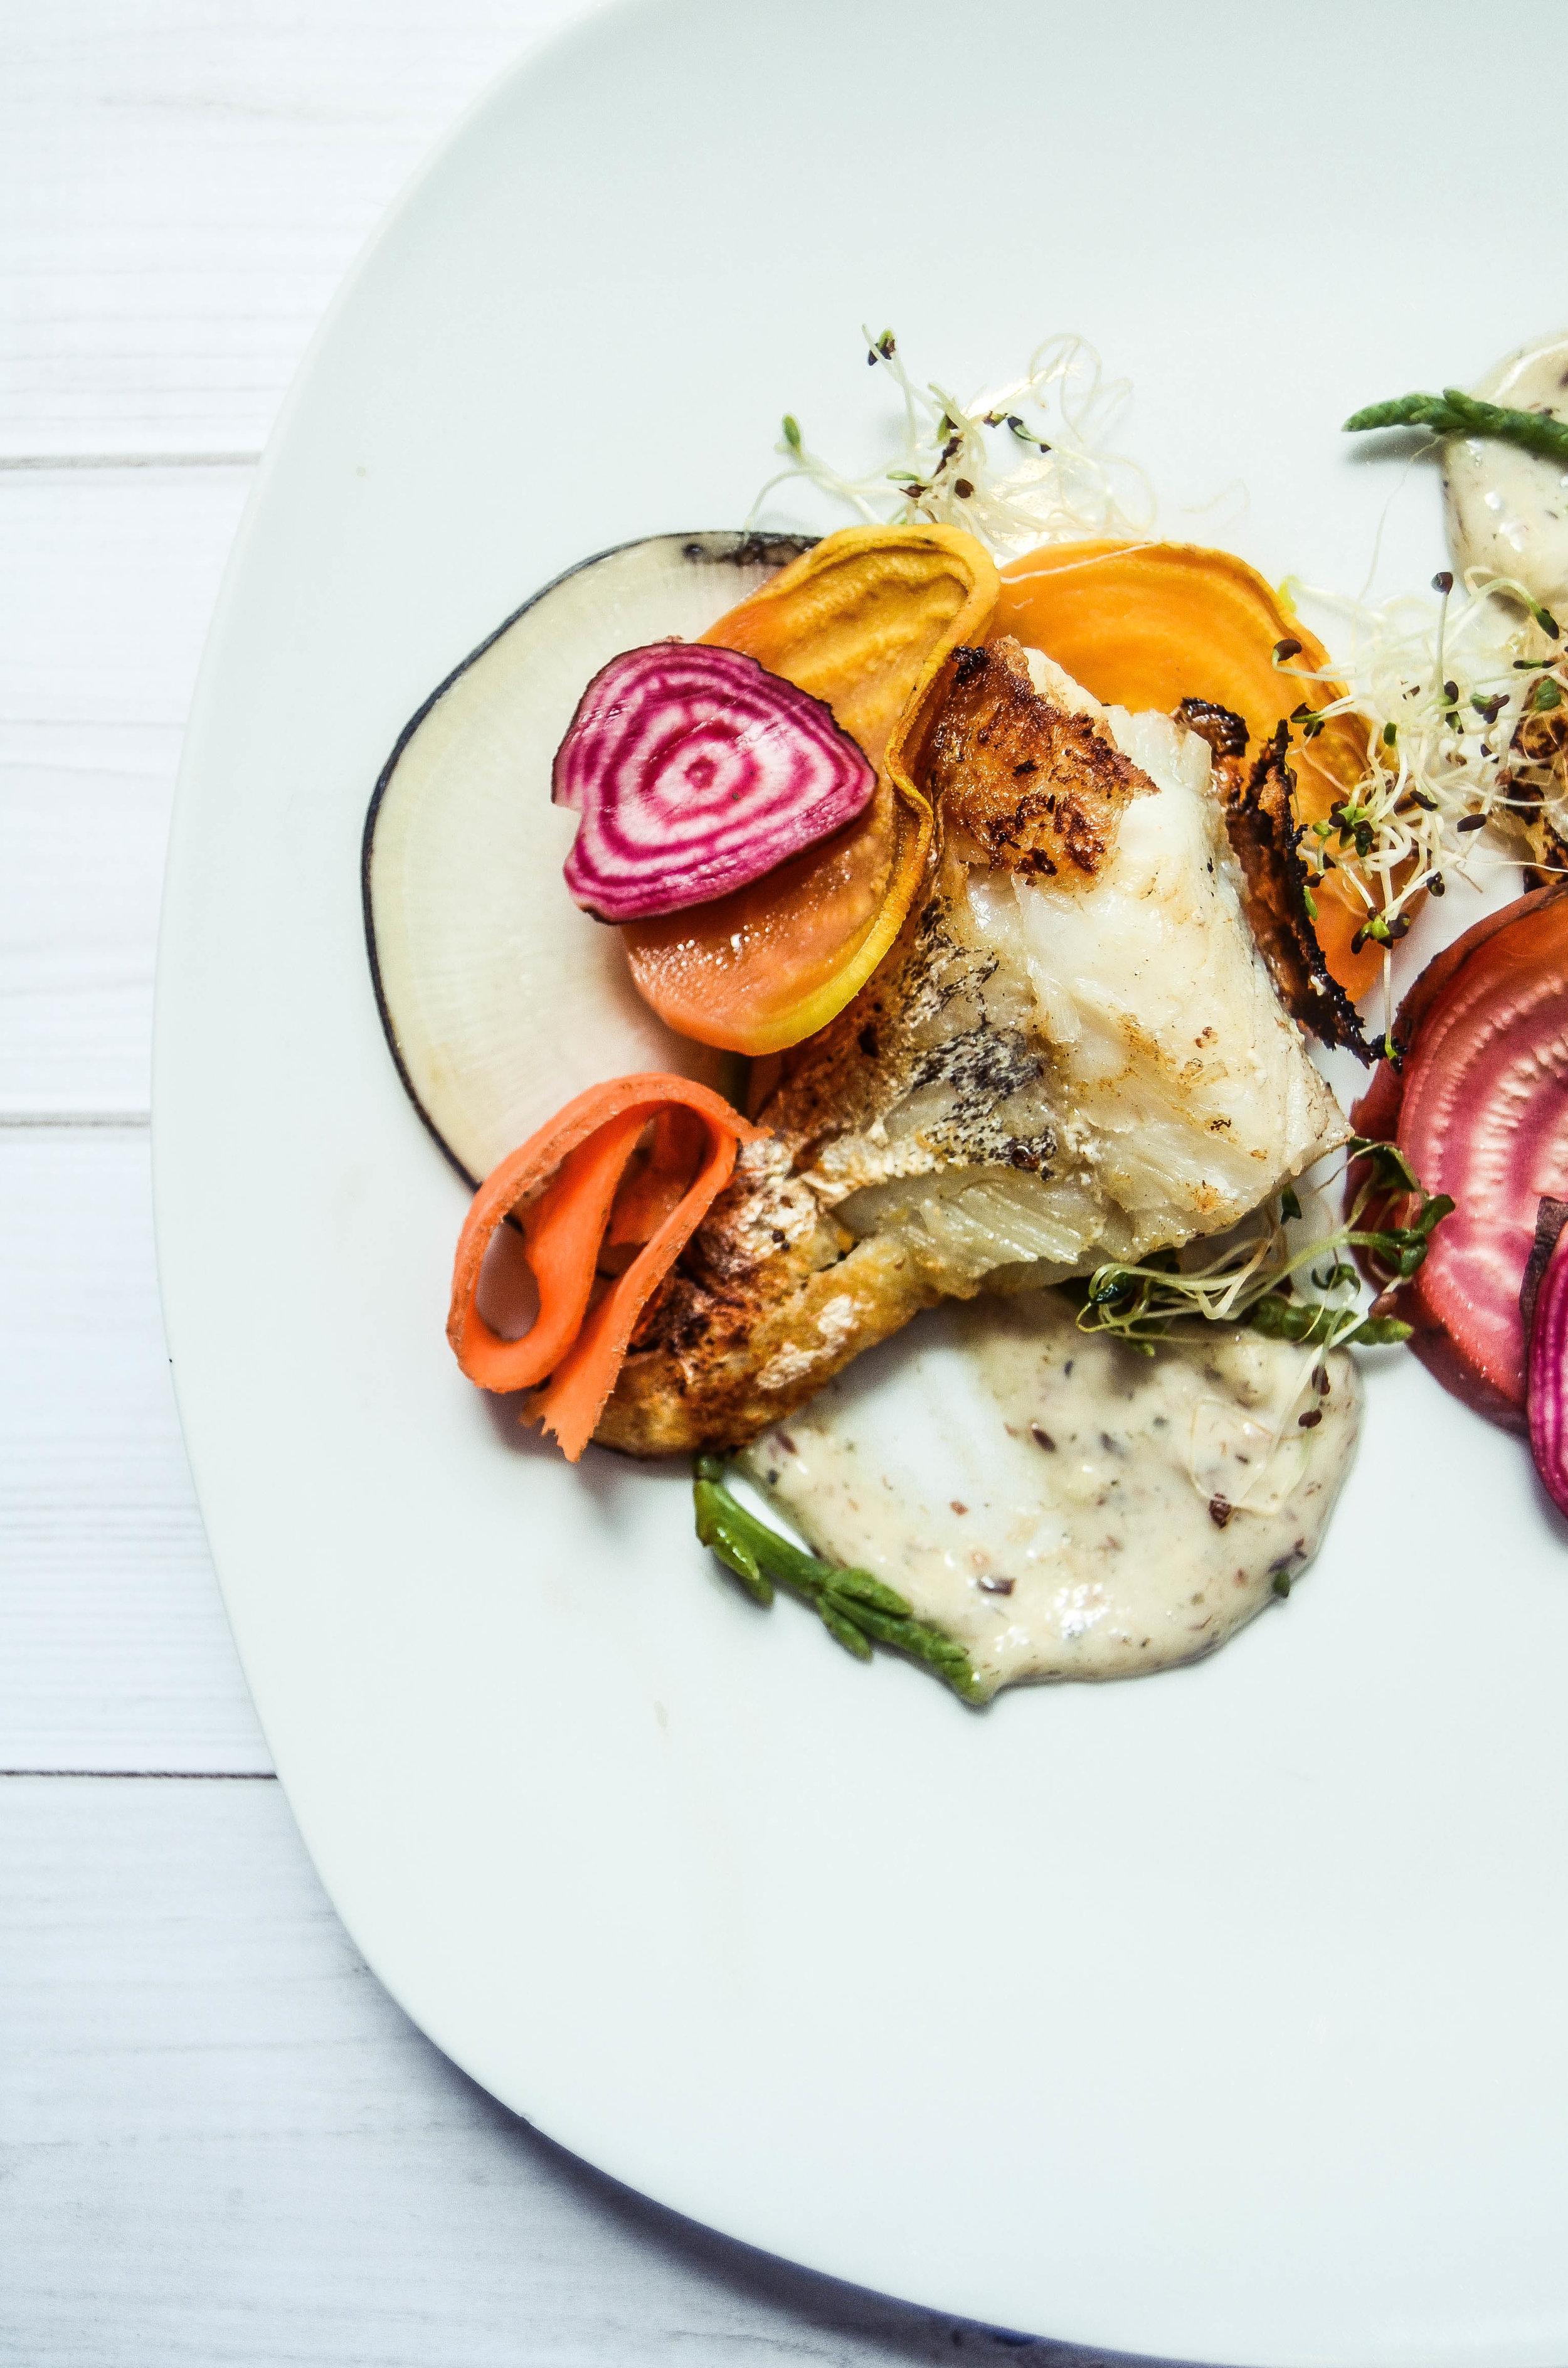 cod with beets, aioli, and black radish